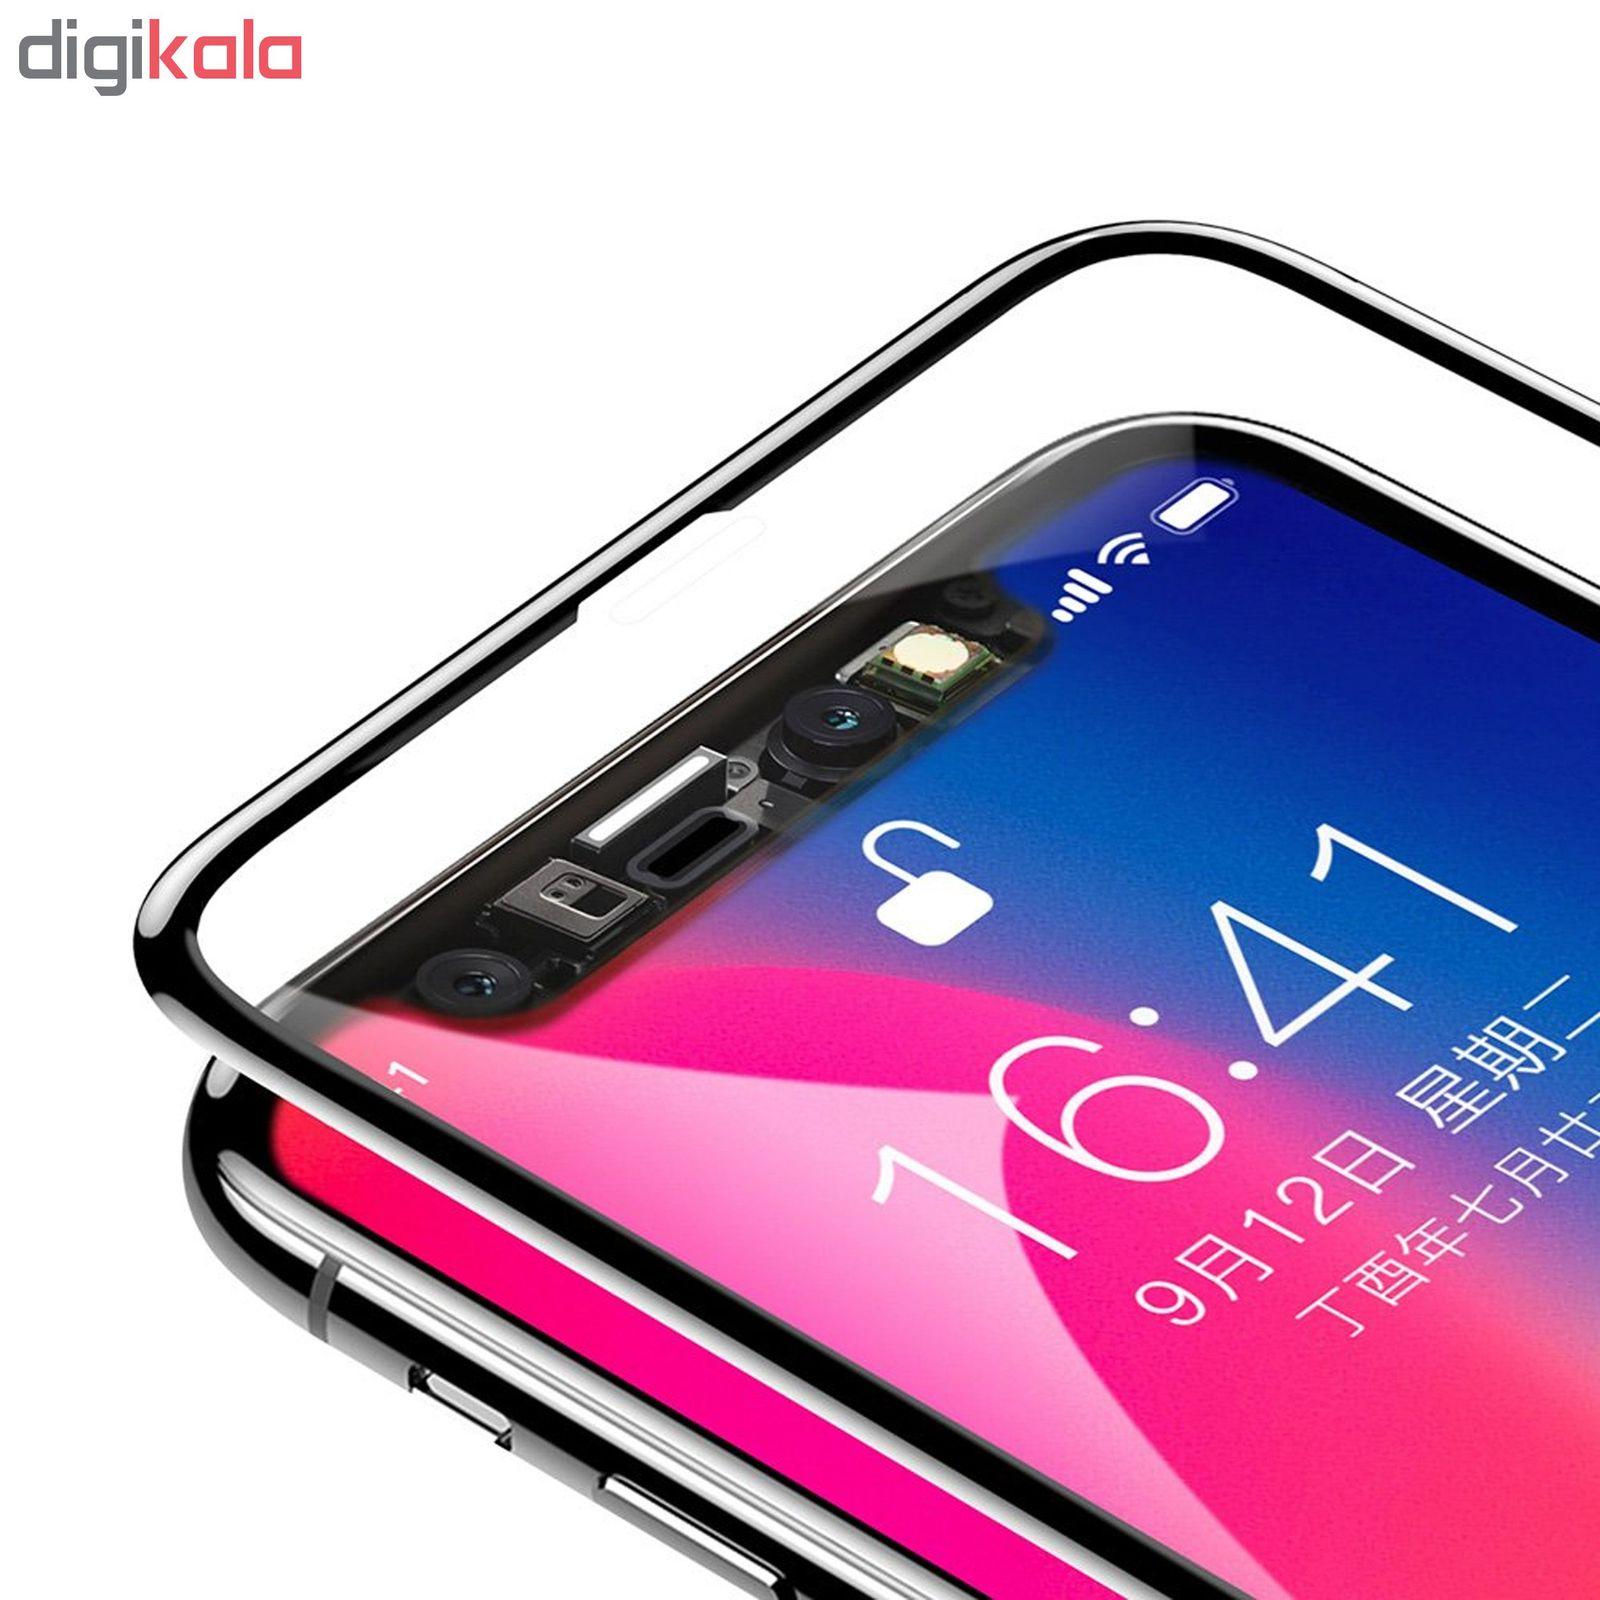 محافظ صفحه نمایش اسپایدر مدل S-FG11 مناسب برای گوشی موبایل اپل iPhone 11  main 1 1